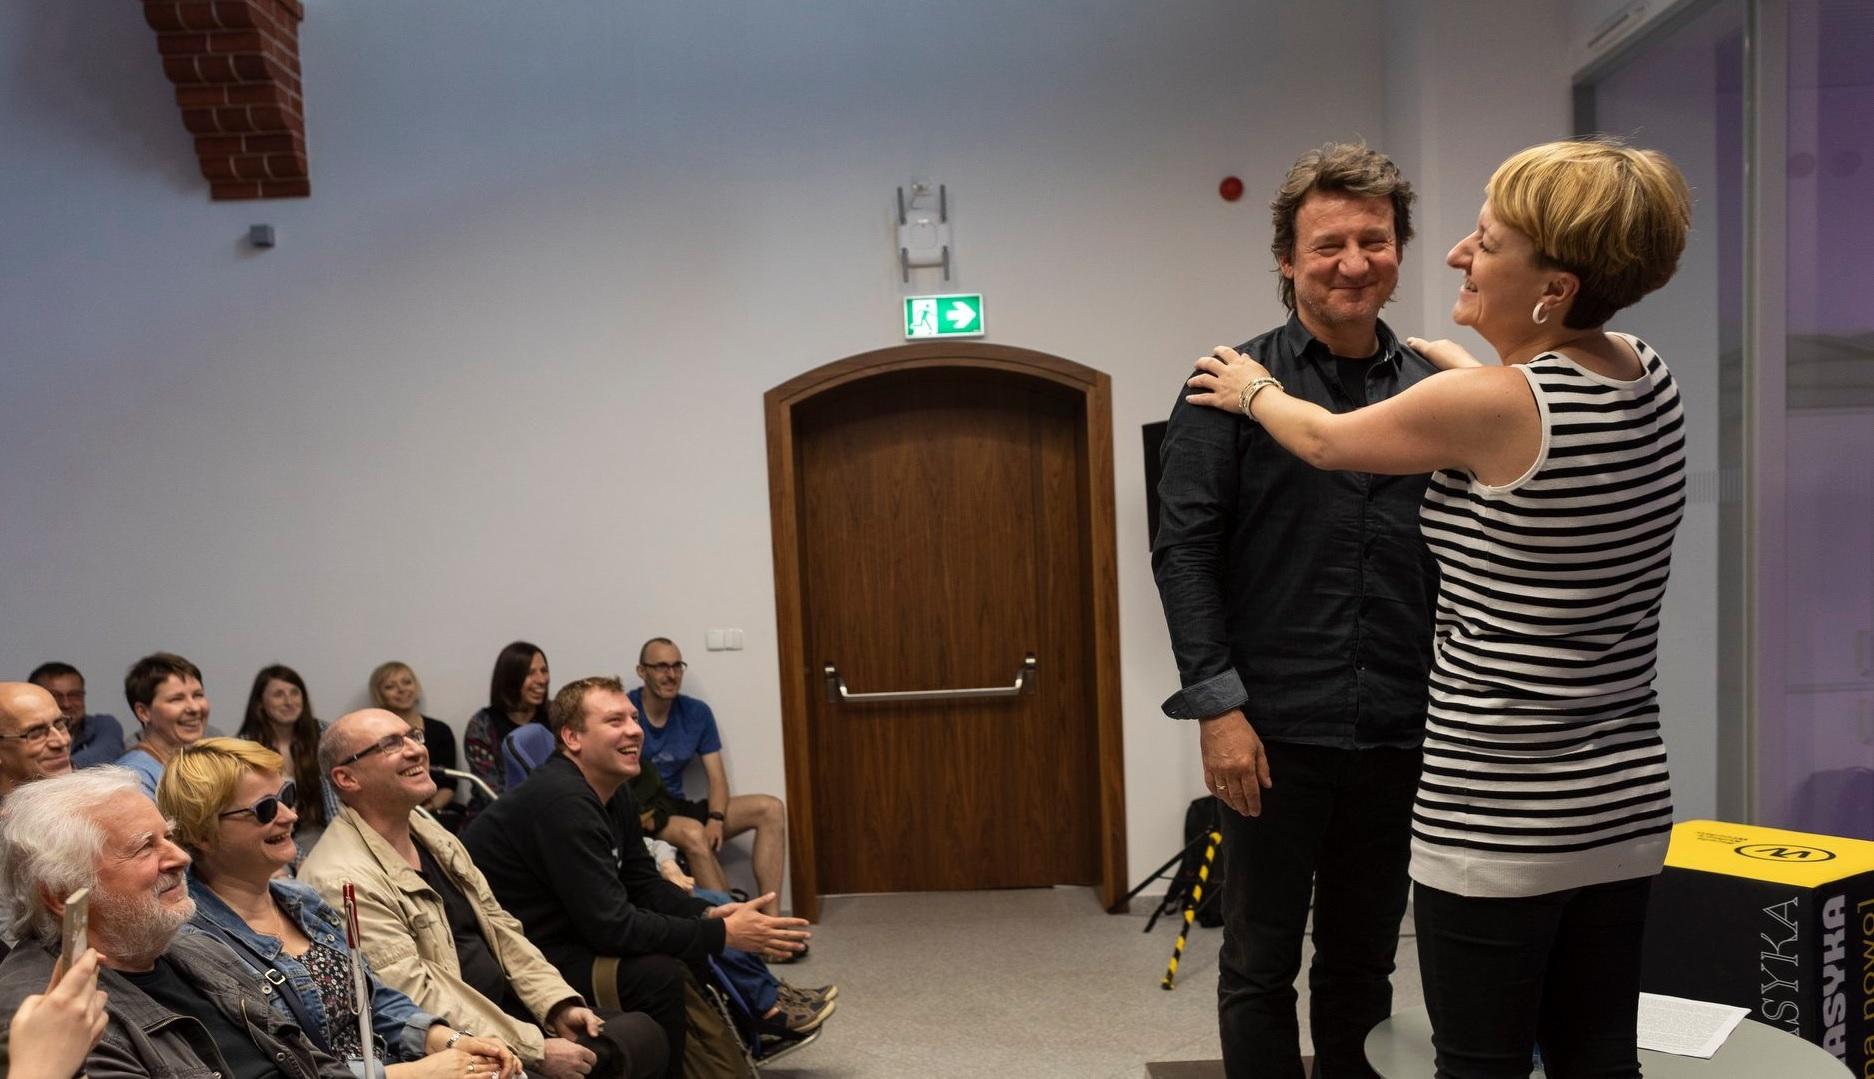 Po prawej niewidoma uczestniczka Europejskiej Nocy Literatuyr 2020 na scenie z Robertem Więckiewiczem. Po lewej tłum widzów.